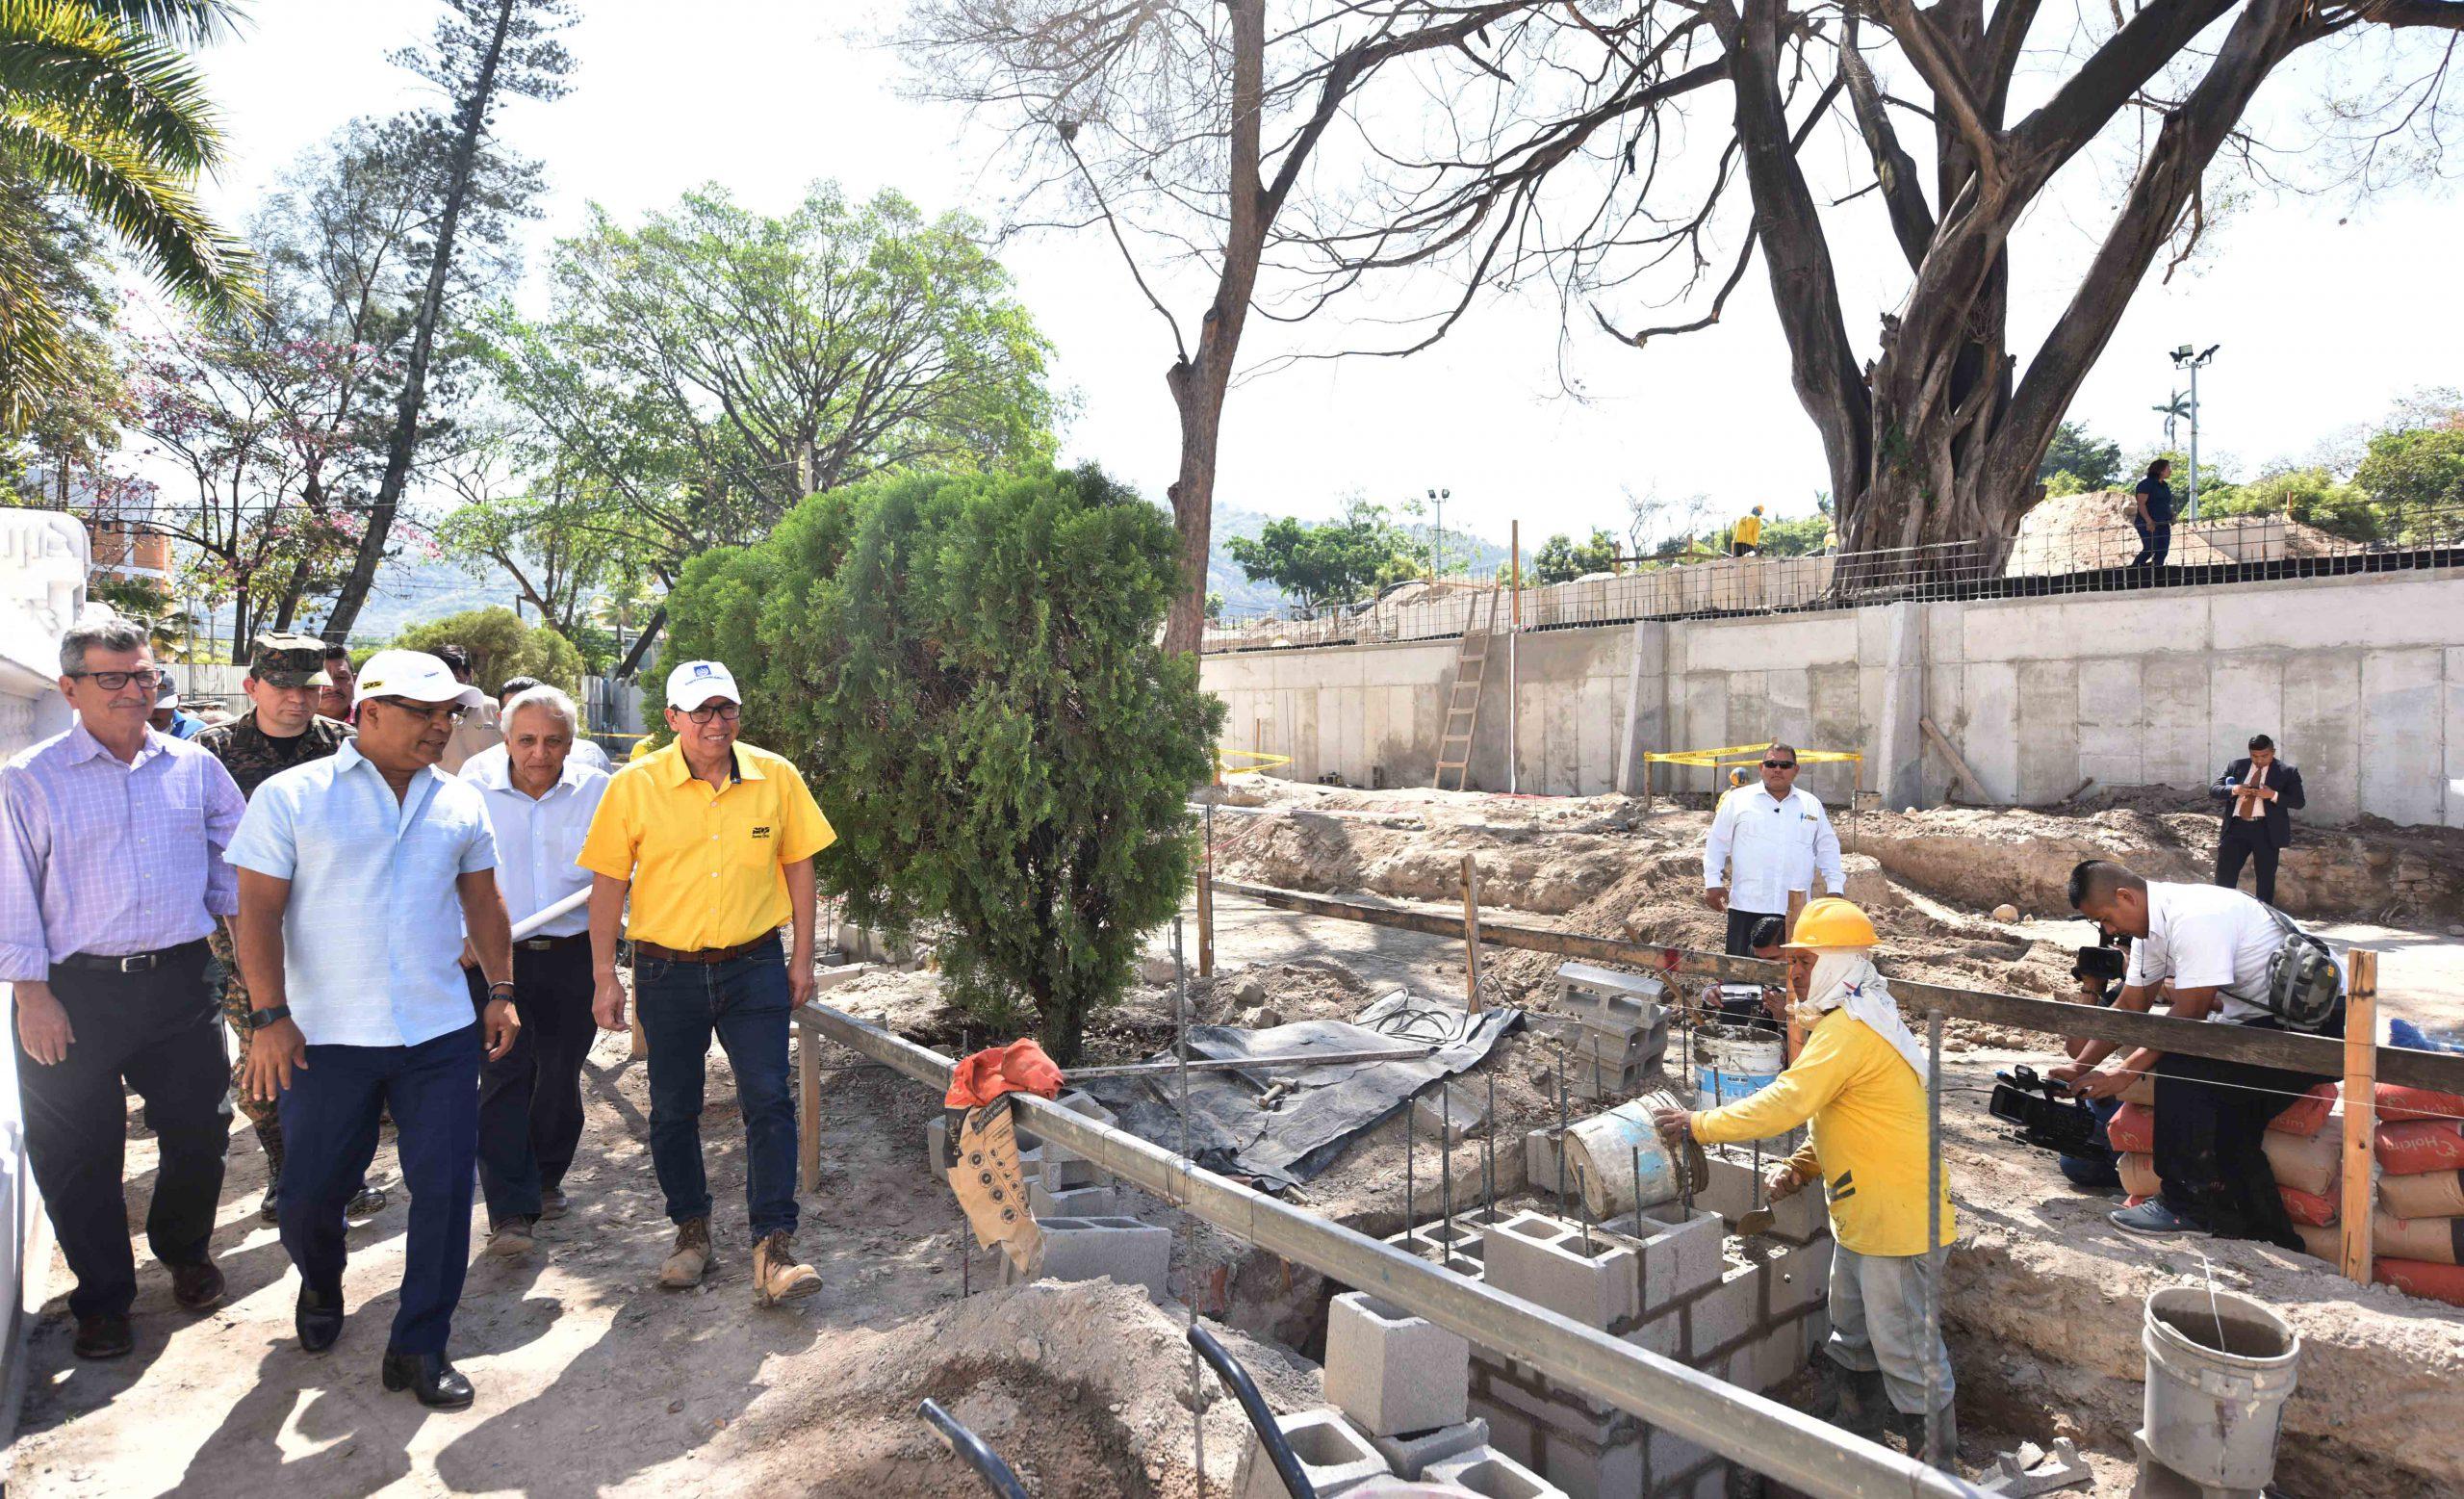 Avanza construcción Complejo Cultural y Recreativo San Jacinto, Fase 1A